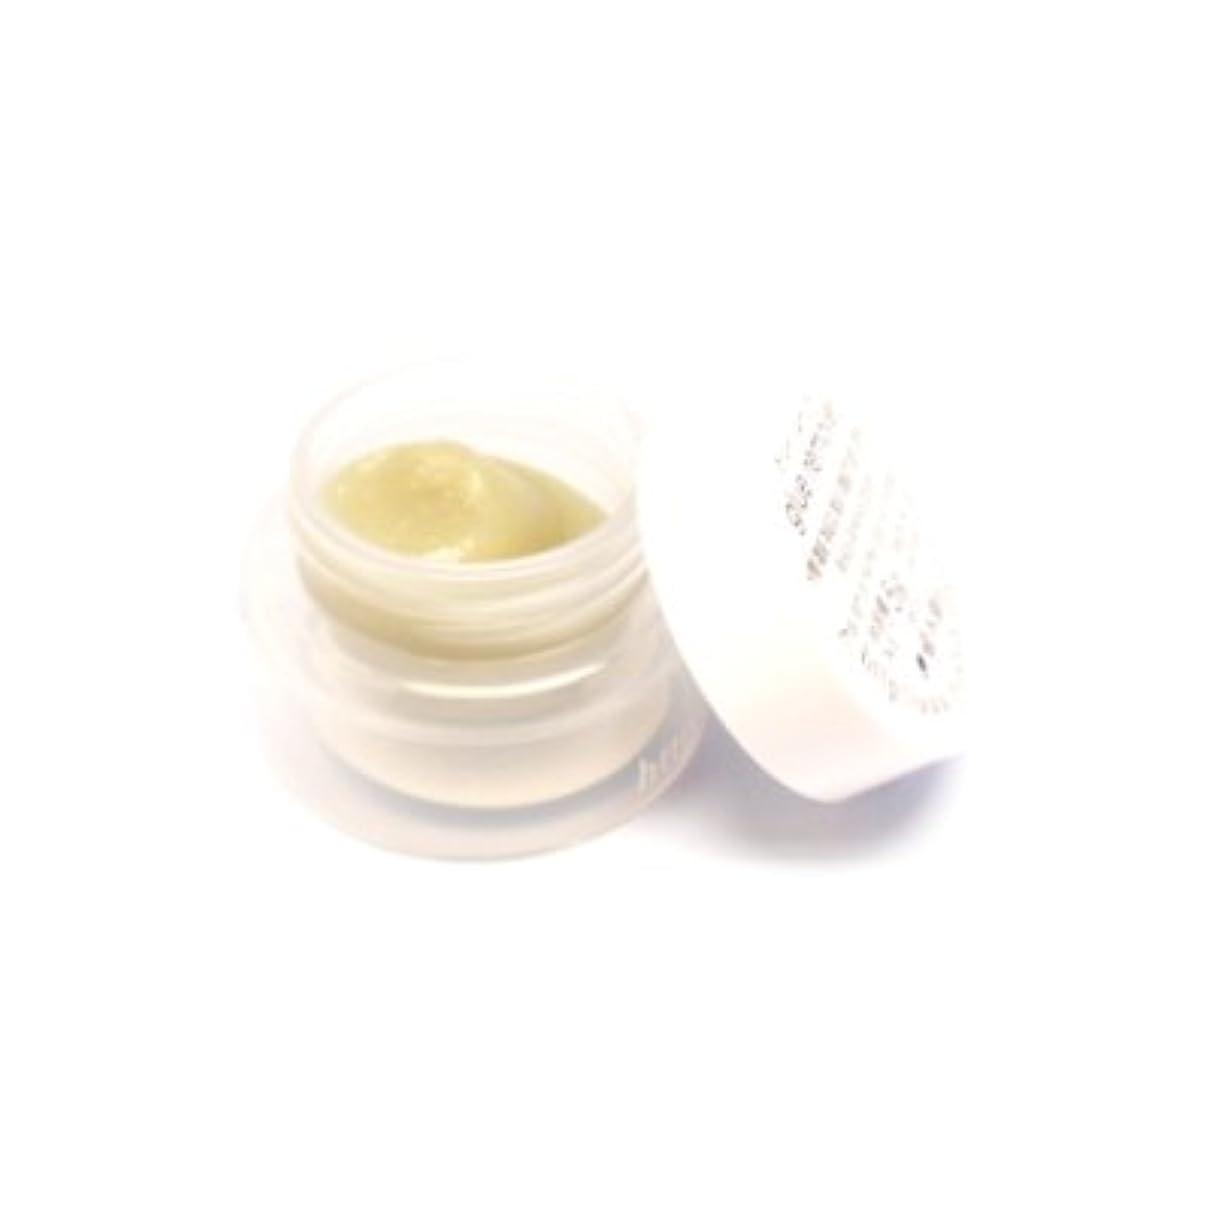 びっくりする役割ブーストまつげエクステ《使いやすいクリームタイプ?》GLUE REMOVER グルーリムーバー 容器入(5g)